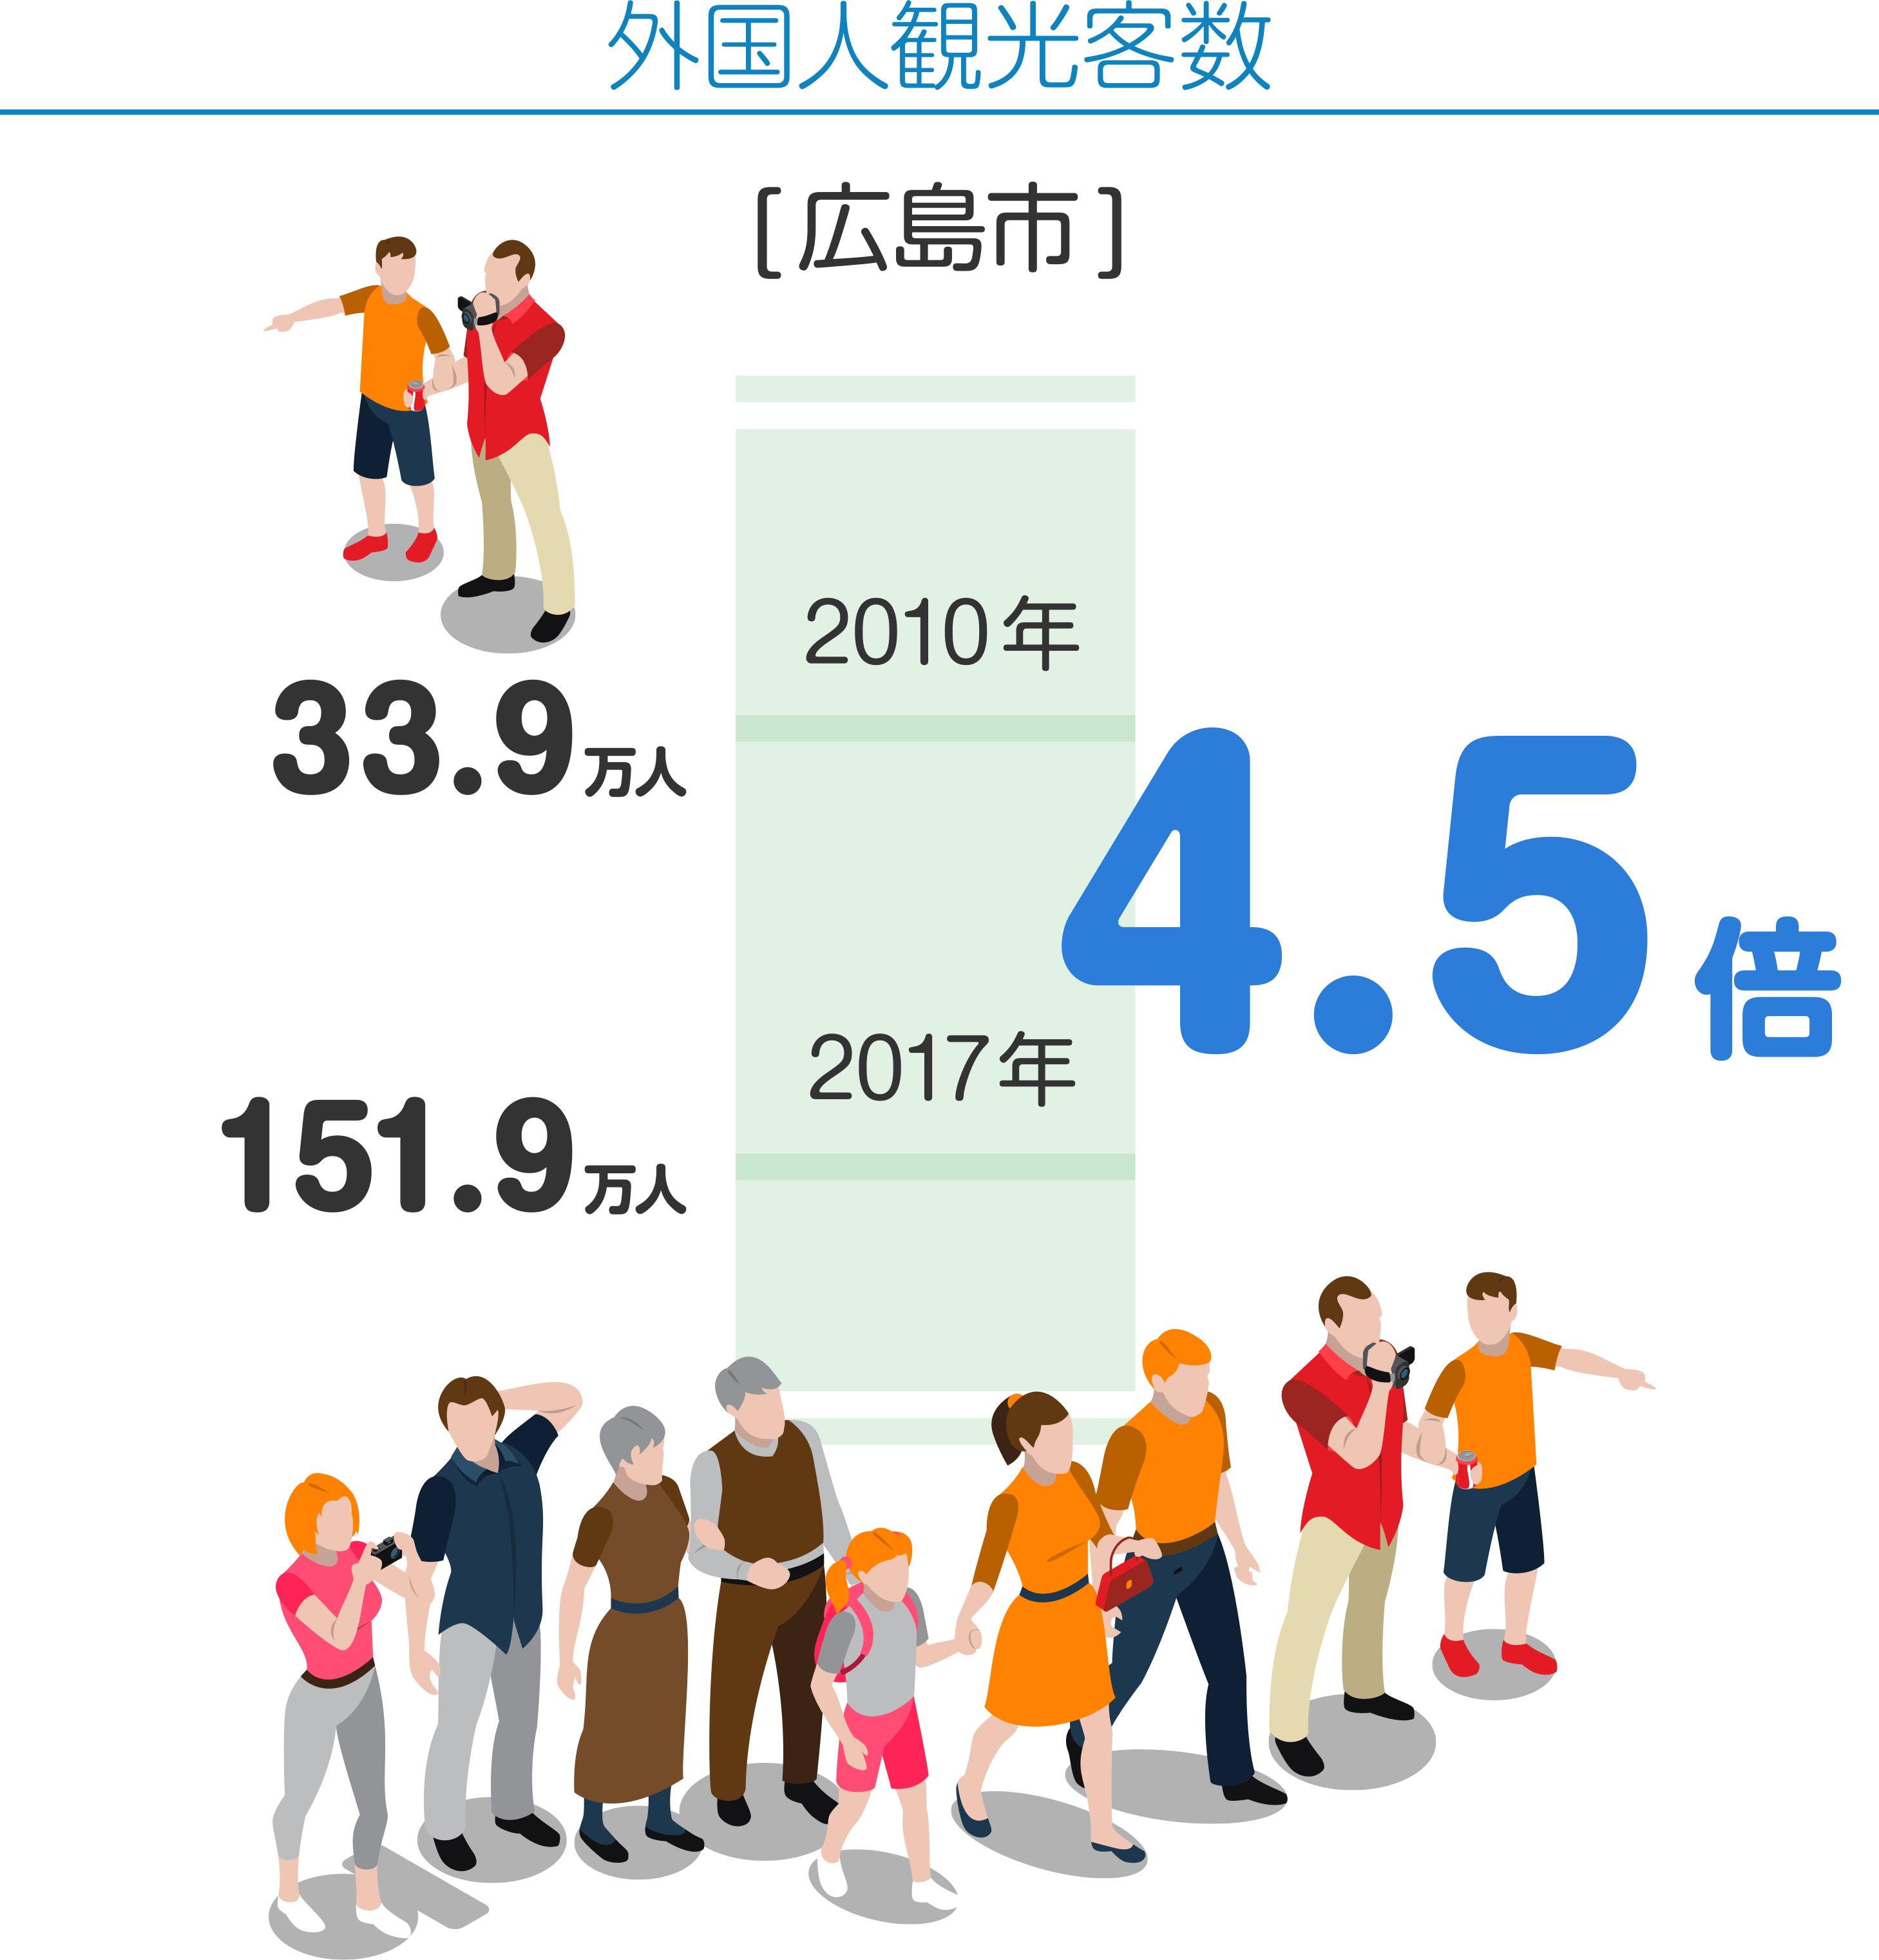 外国人観光客数 [広島県] 2010年 33.9万人 2017年 151.9万人 4.5倍